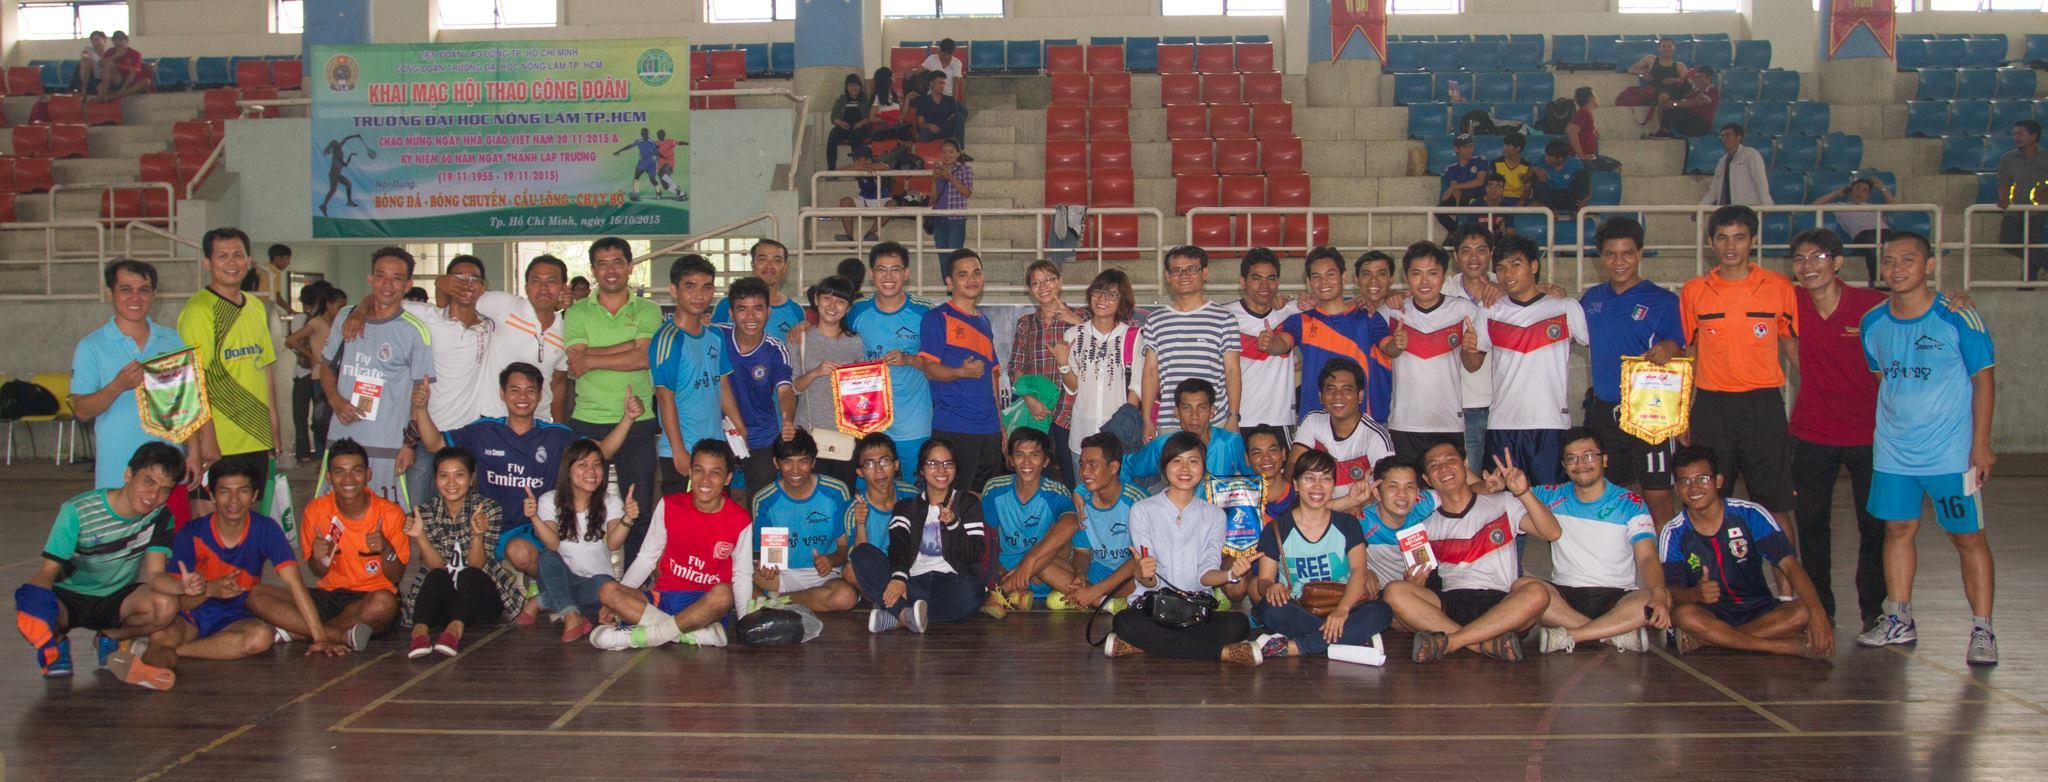 Hình chụp tập thể cầu thủ, khán giả tham gia giải đấu GFP Cup lần 3